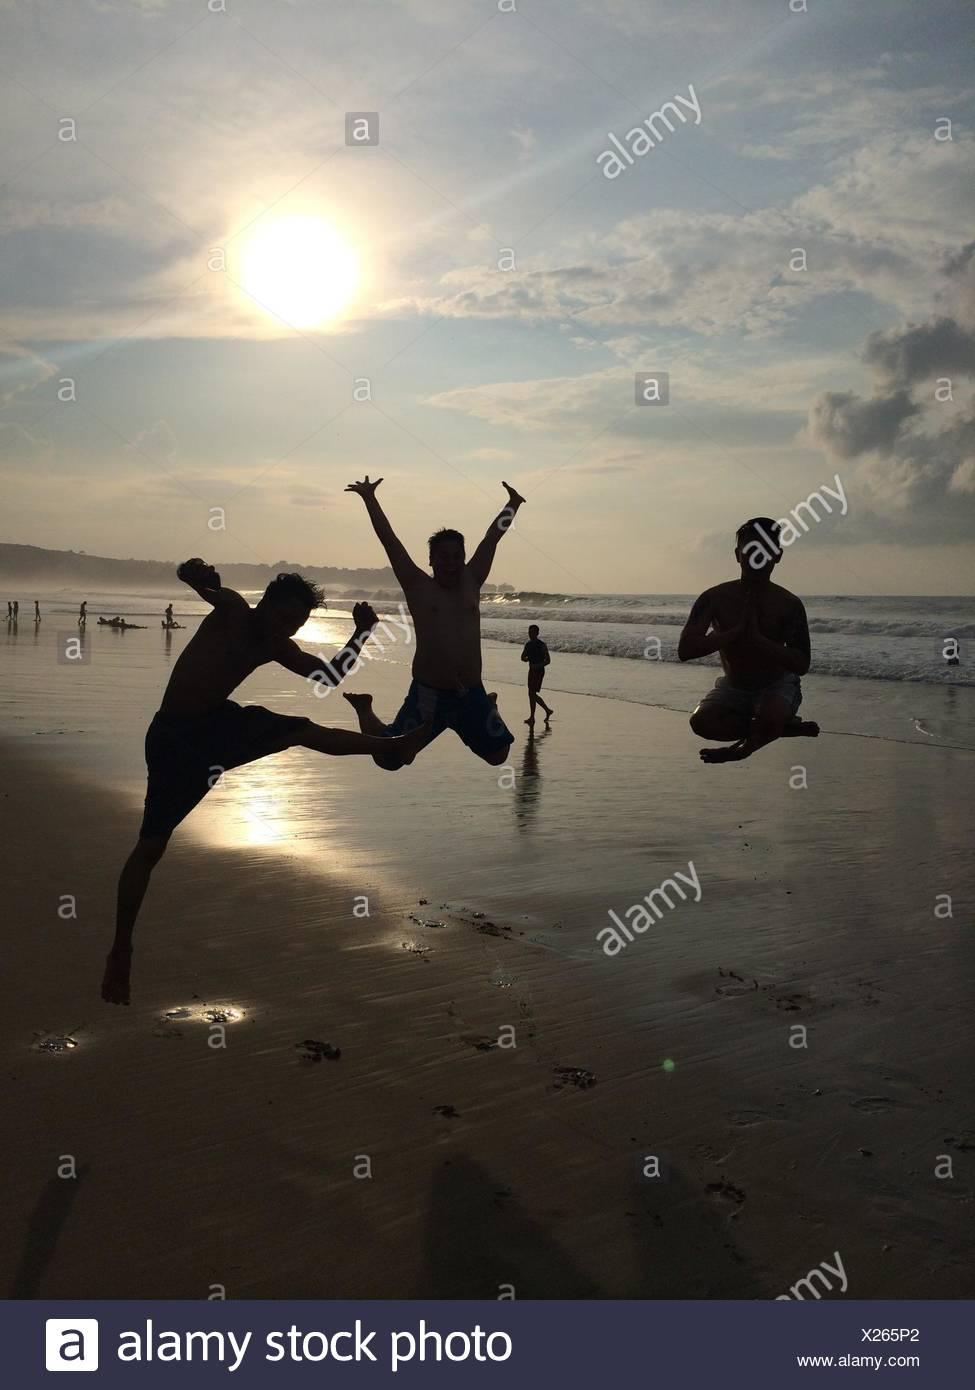 Longitud total en silueta amigos saltando en la playa contra el cielo Imagen De Stock